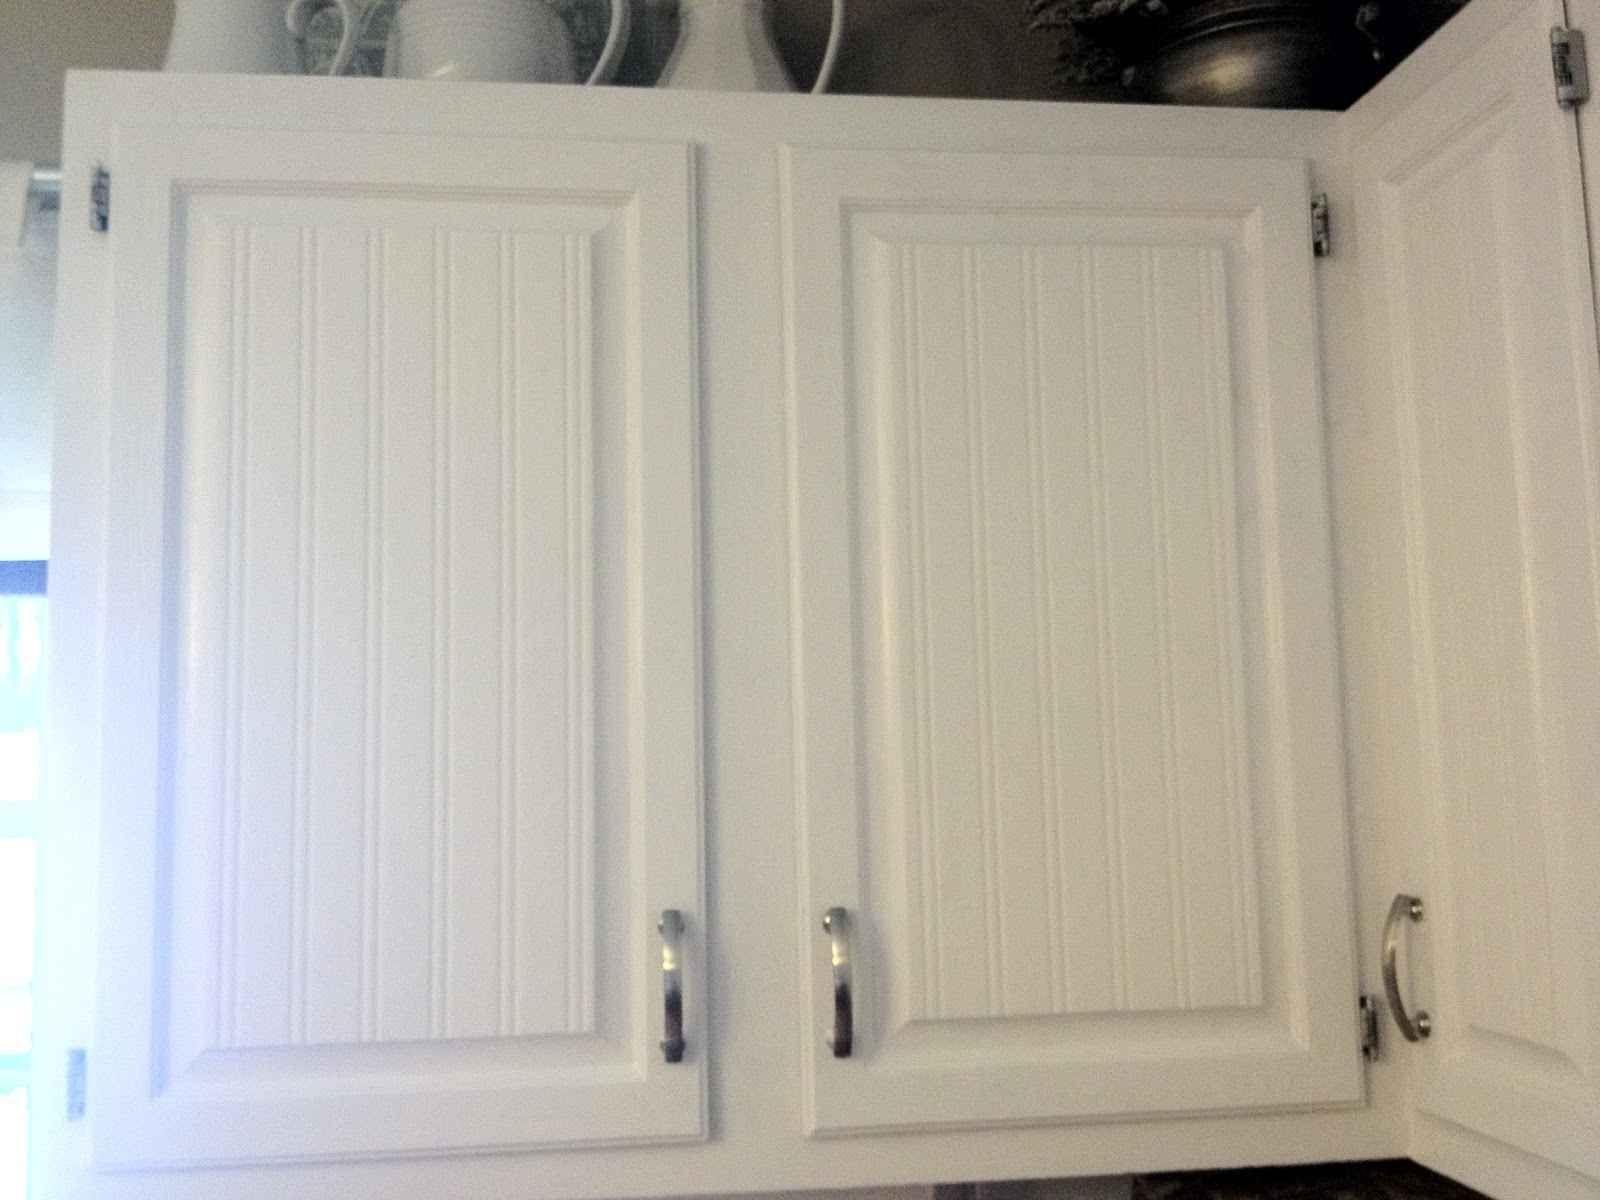 Best Kitchen Gallery: Make Beadboard Cabi Doors Betdaffaires Pinterest of Diy Beadboard Kitchen Cabinets on rachelxblog.com